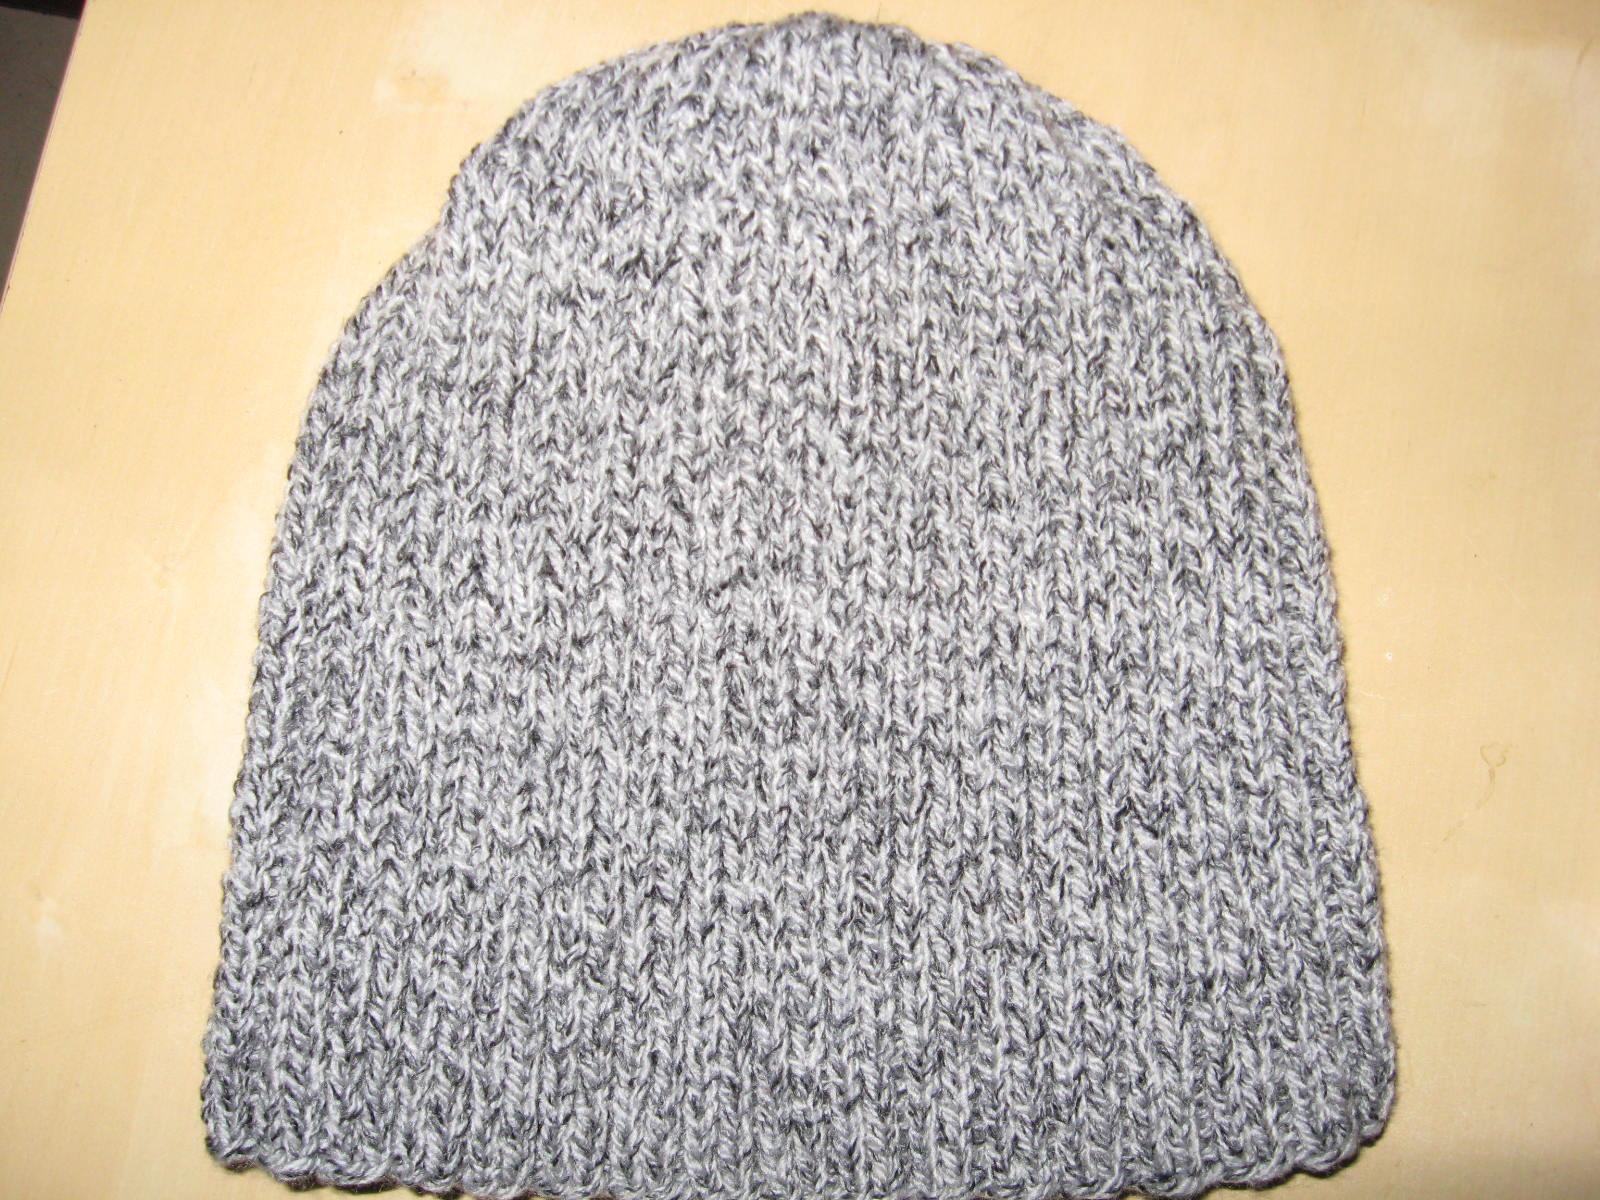 mes petites mains tricotent tuto bonnet citron homme. Black Bedroom Furniture Sets. Home Design Ideas